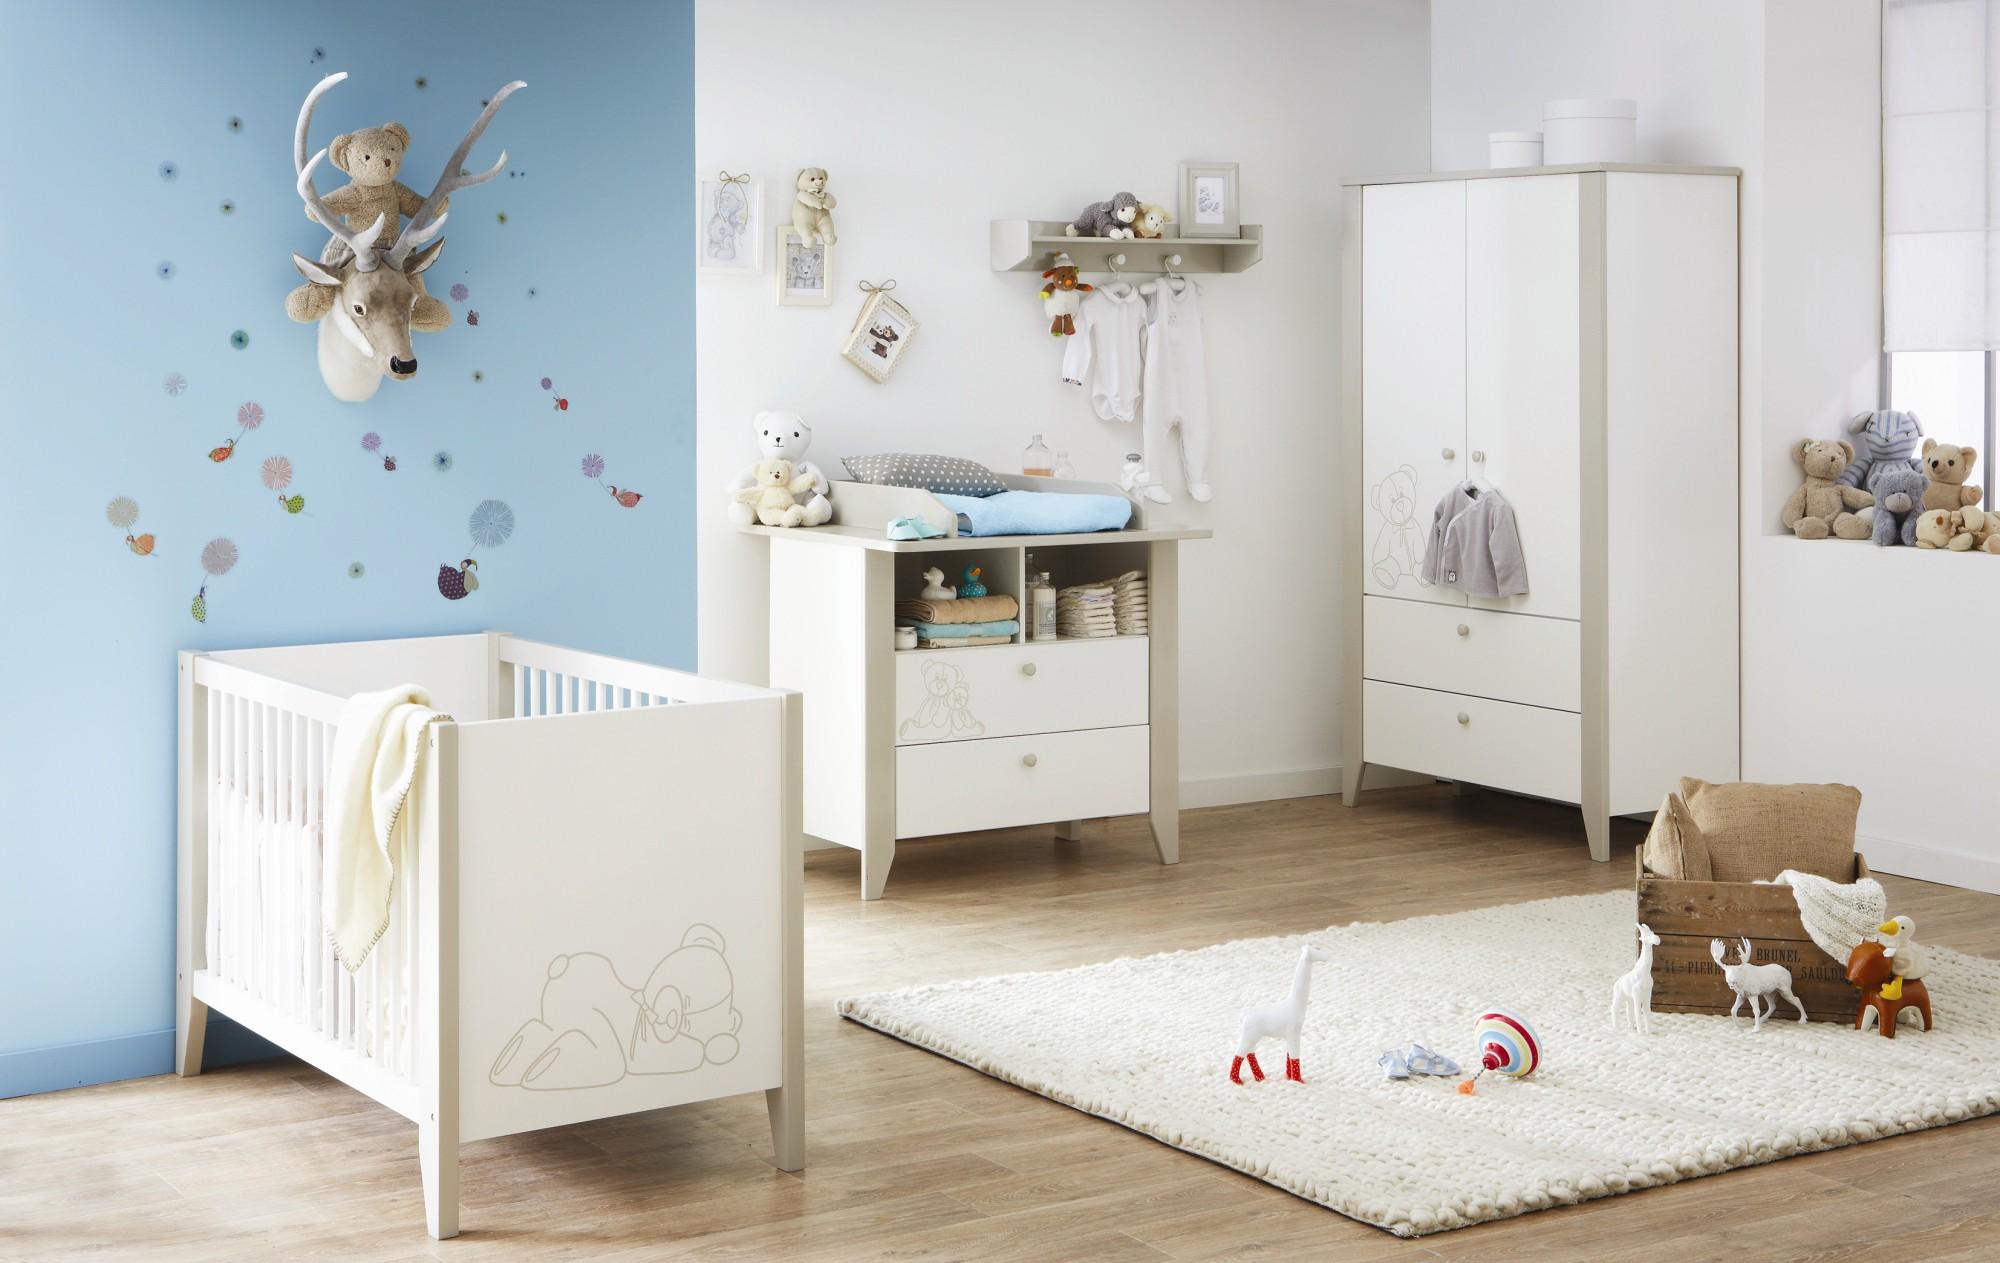 Décorer la chambre de bébé pas cher - Famille et bébé